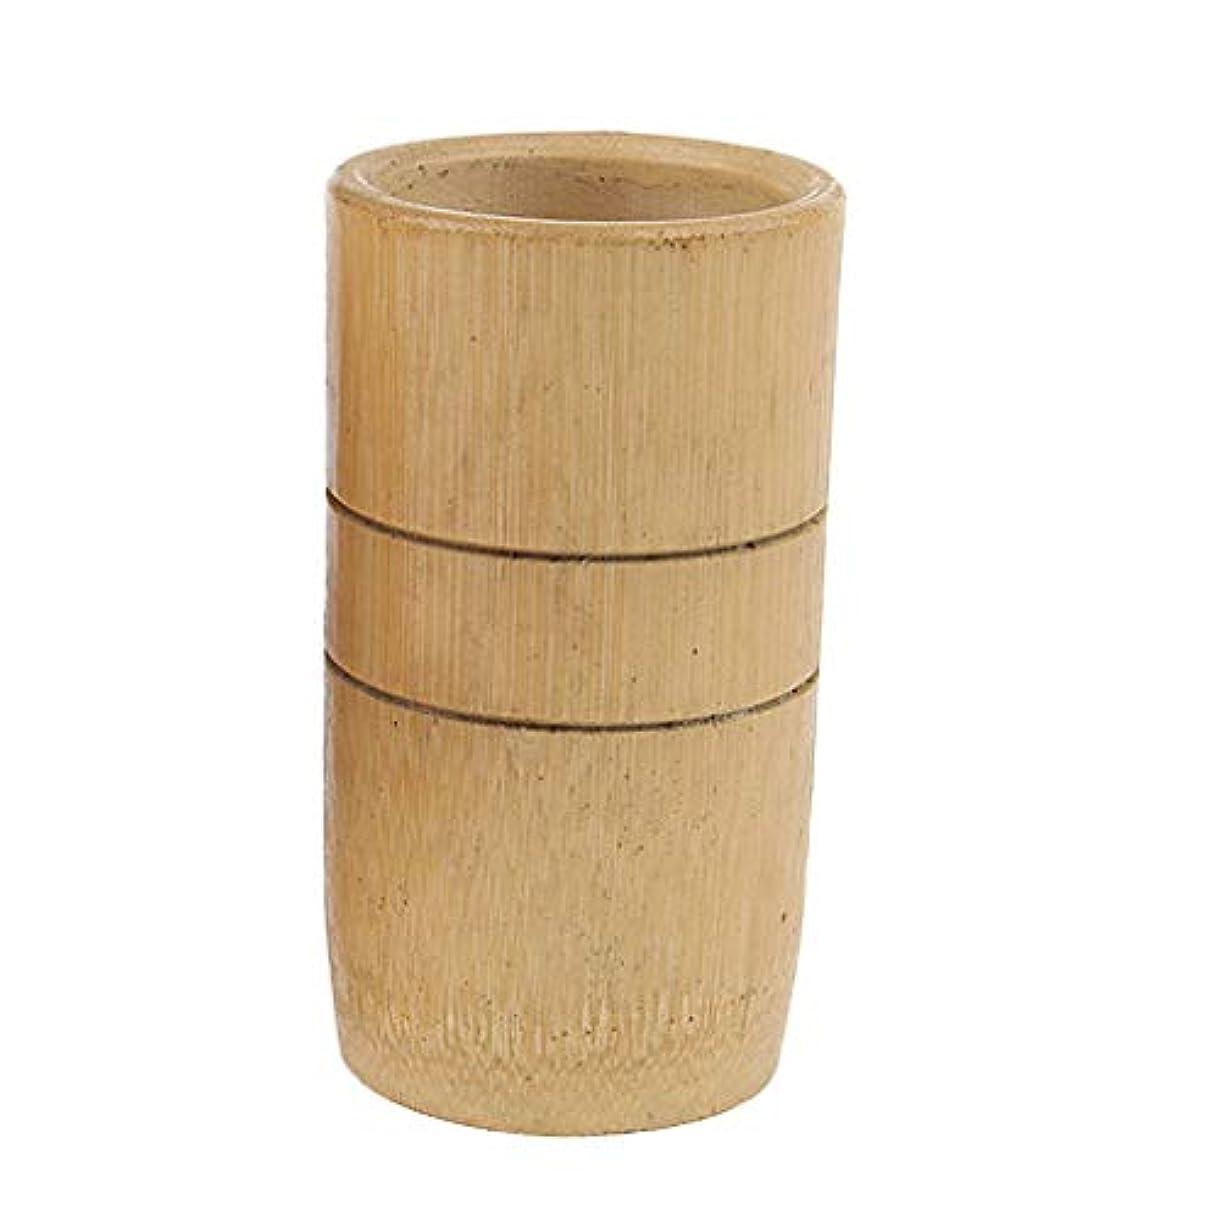 床屈辱する広々マッサージ吸い玉 カッピングカップ 天然竹製 サロン 家庭用 2個入